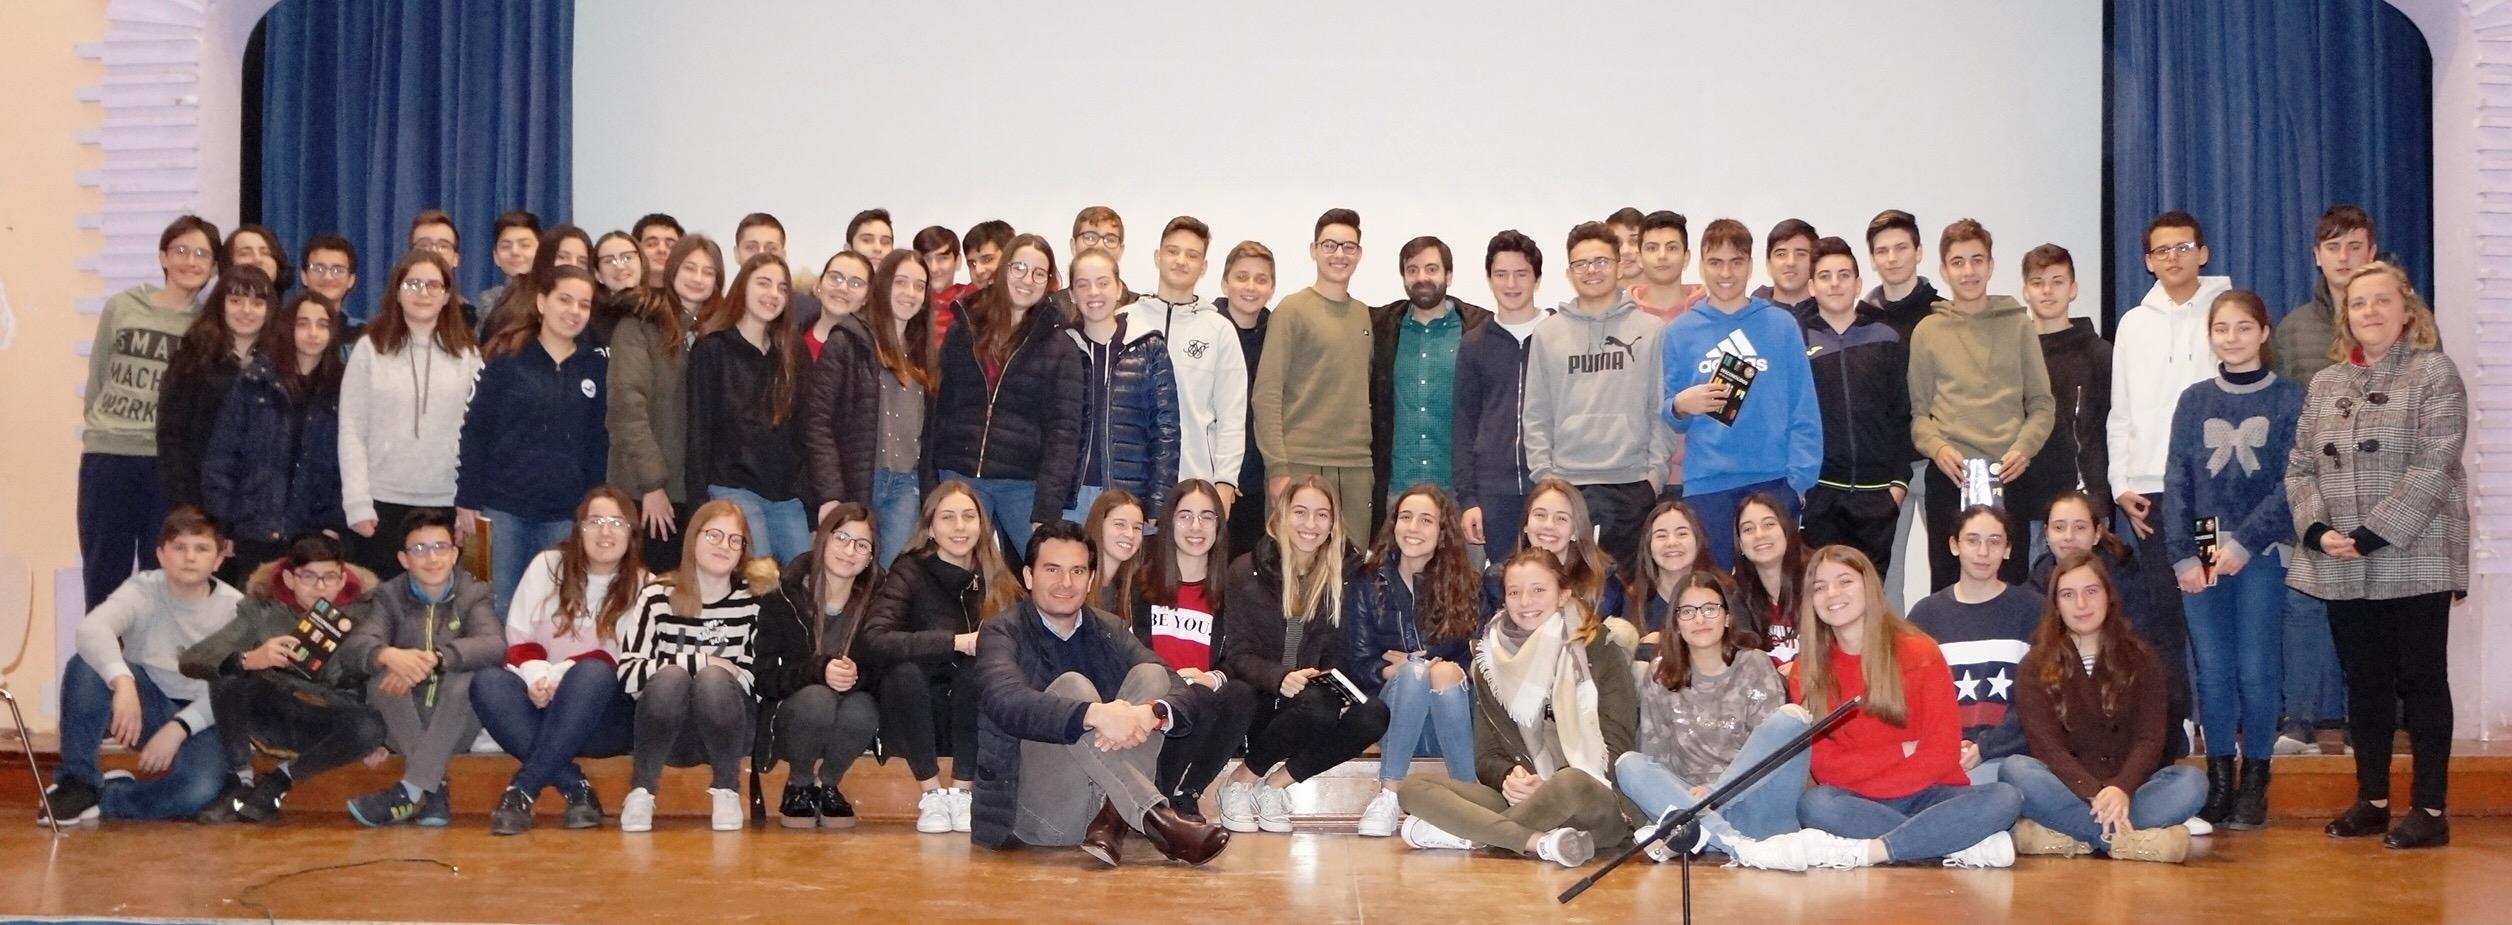 El escritor David Lozano, premio Edebé 2018, visita el colegio